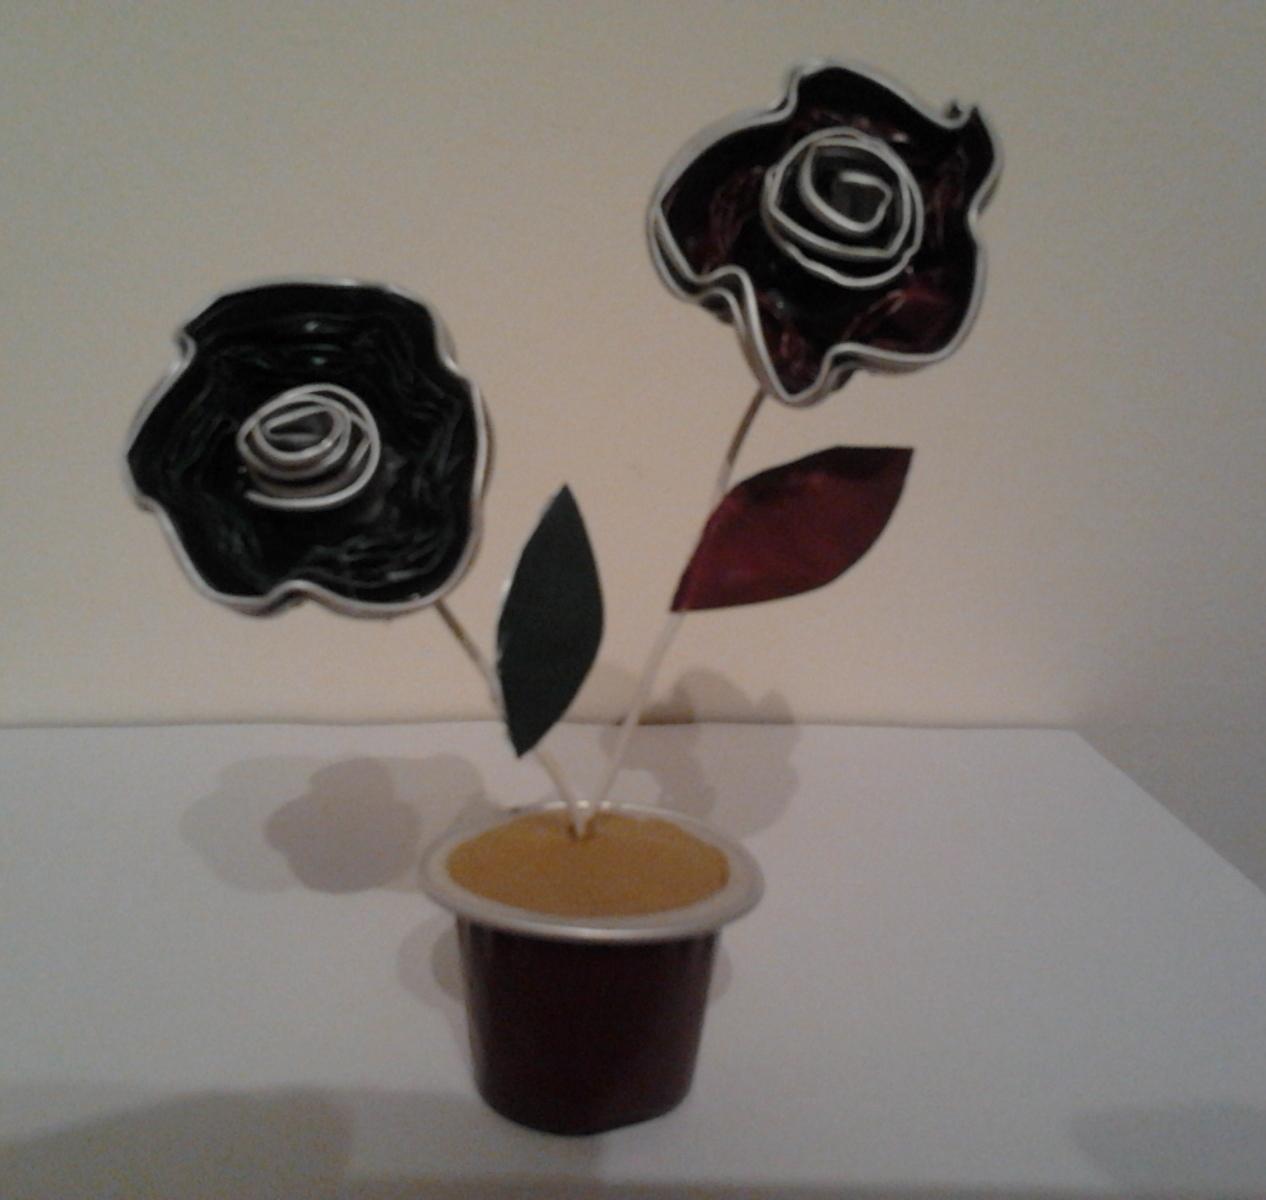 Leo vi se manualidades con c psulas nespresso - Que hacer con capsulas nespresso ...